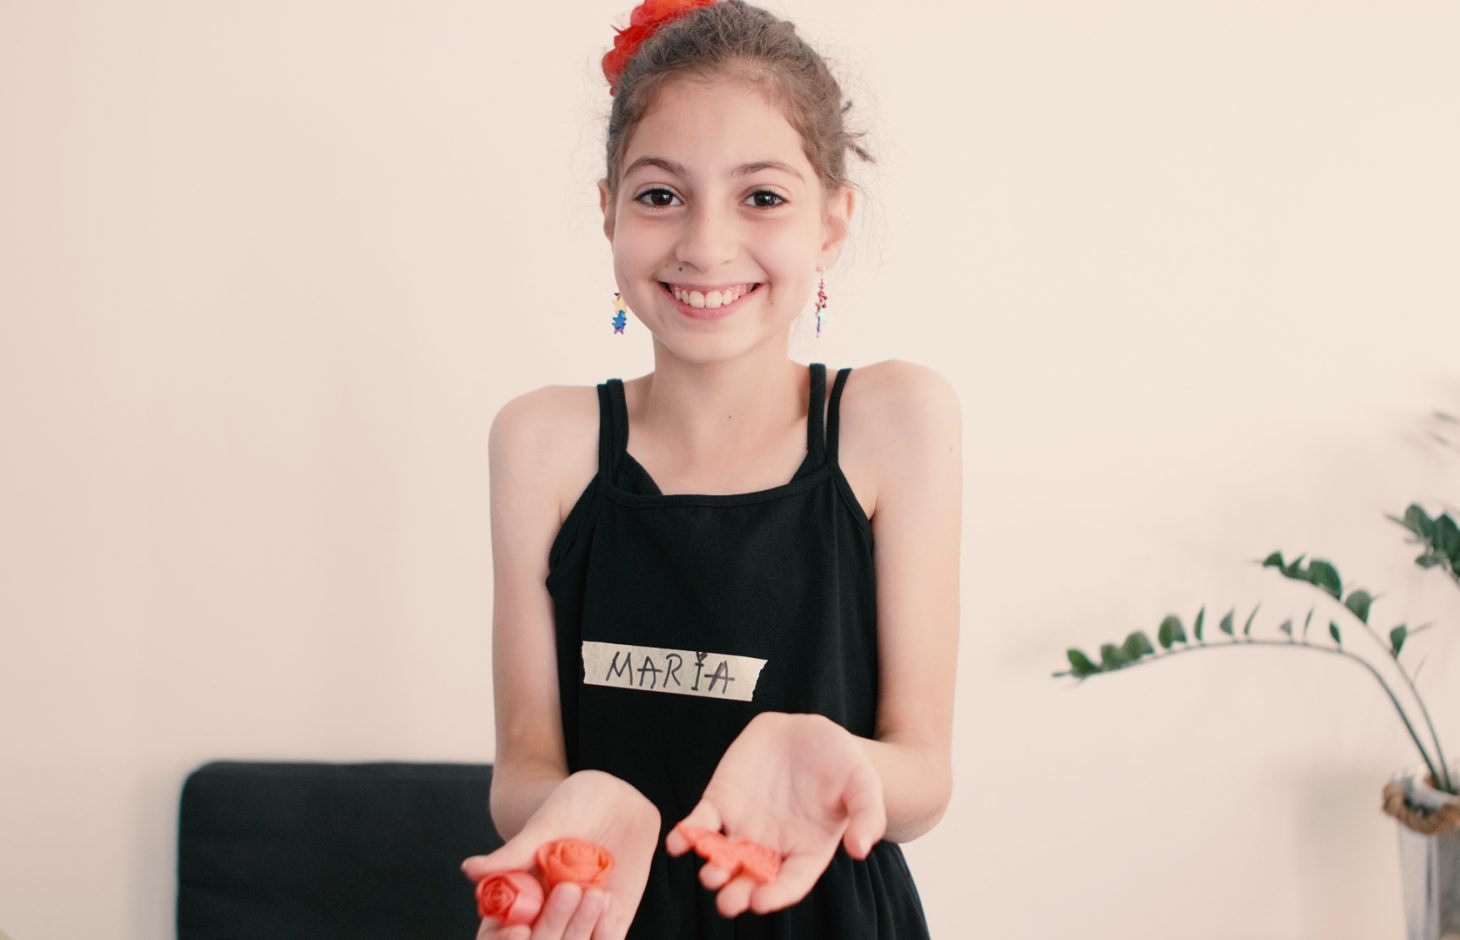 Maria, 10